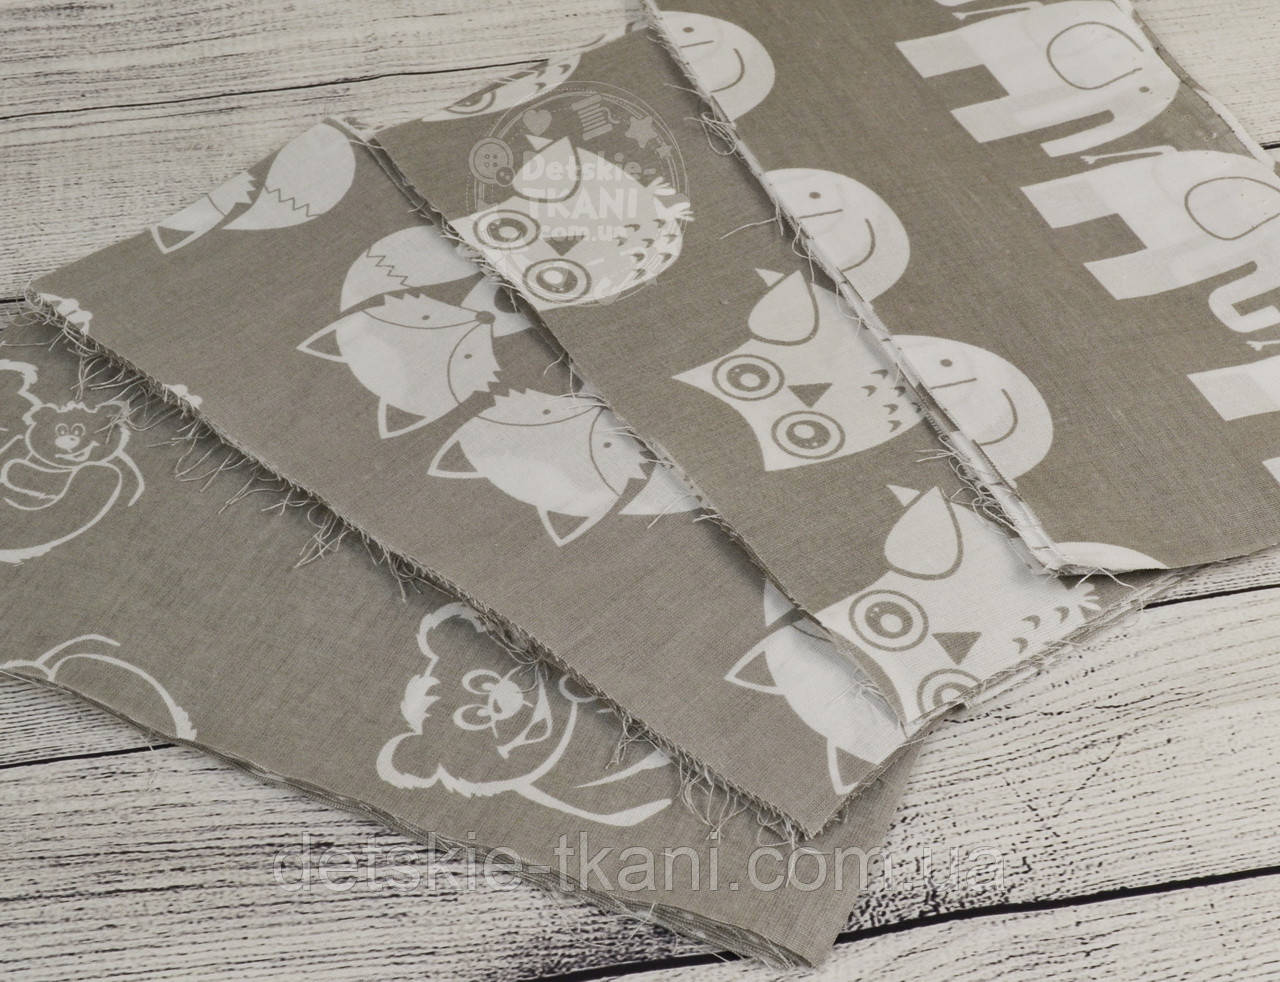 Набор для пэчворка из лоскутов тканей серого цвета №71